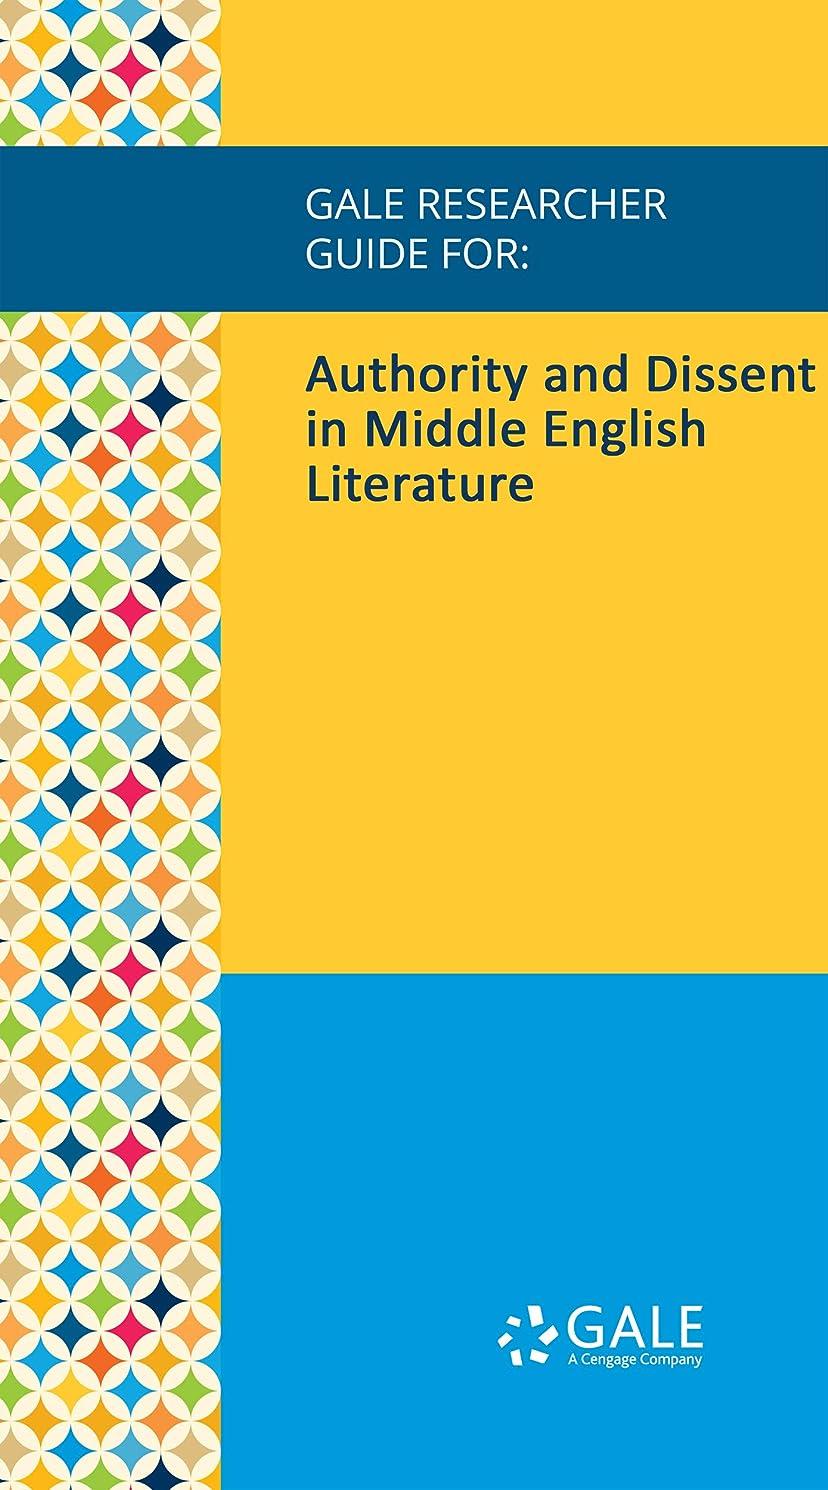 公演衝動大腿Gale Researcher Guide for: Authority and Dissent in Middle English Literature (English Edition)